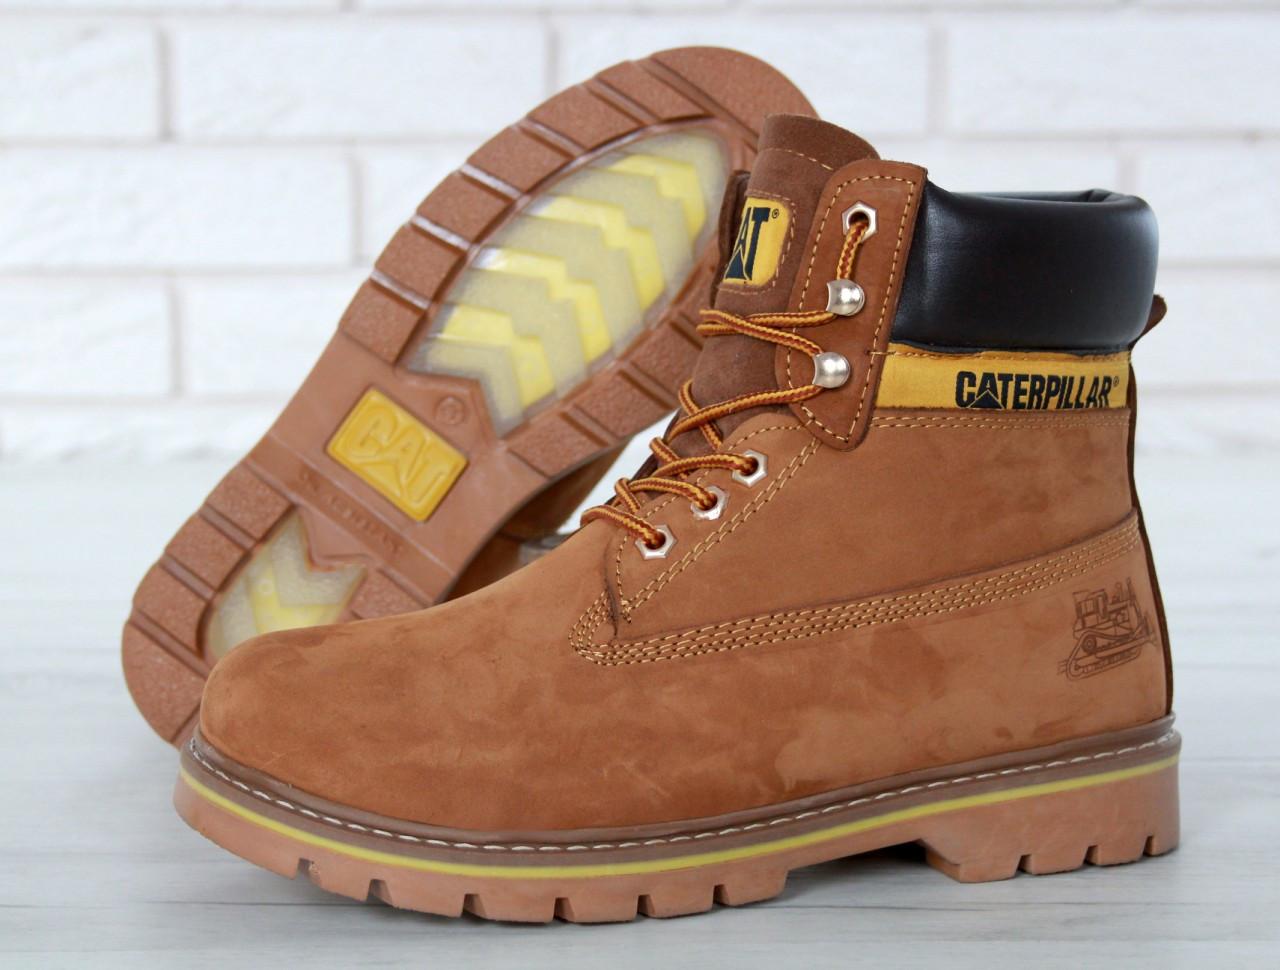 Зимние ботинки Caterpillar, зимние ботинки катерпиллер, зимові черевики Caterpillar, черевики катерпіллер, Cat